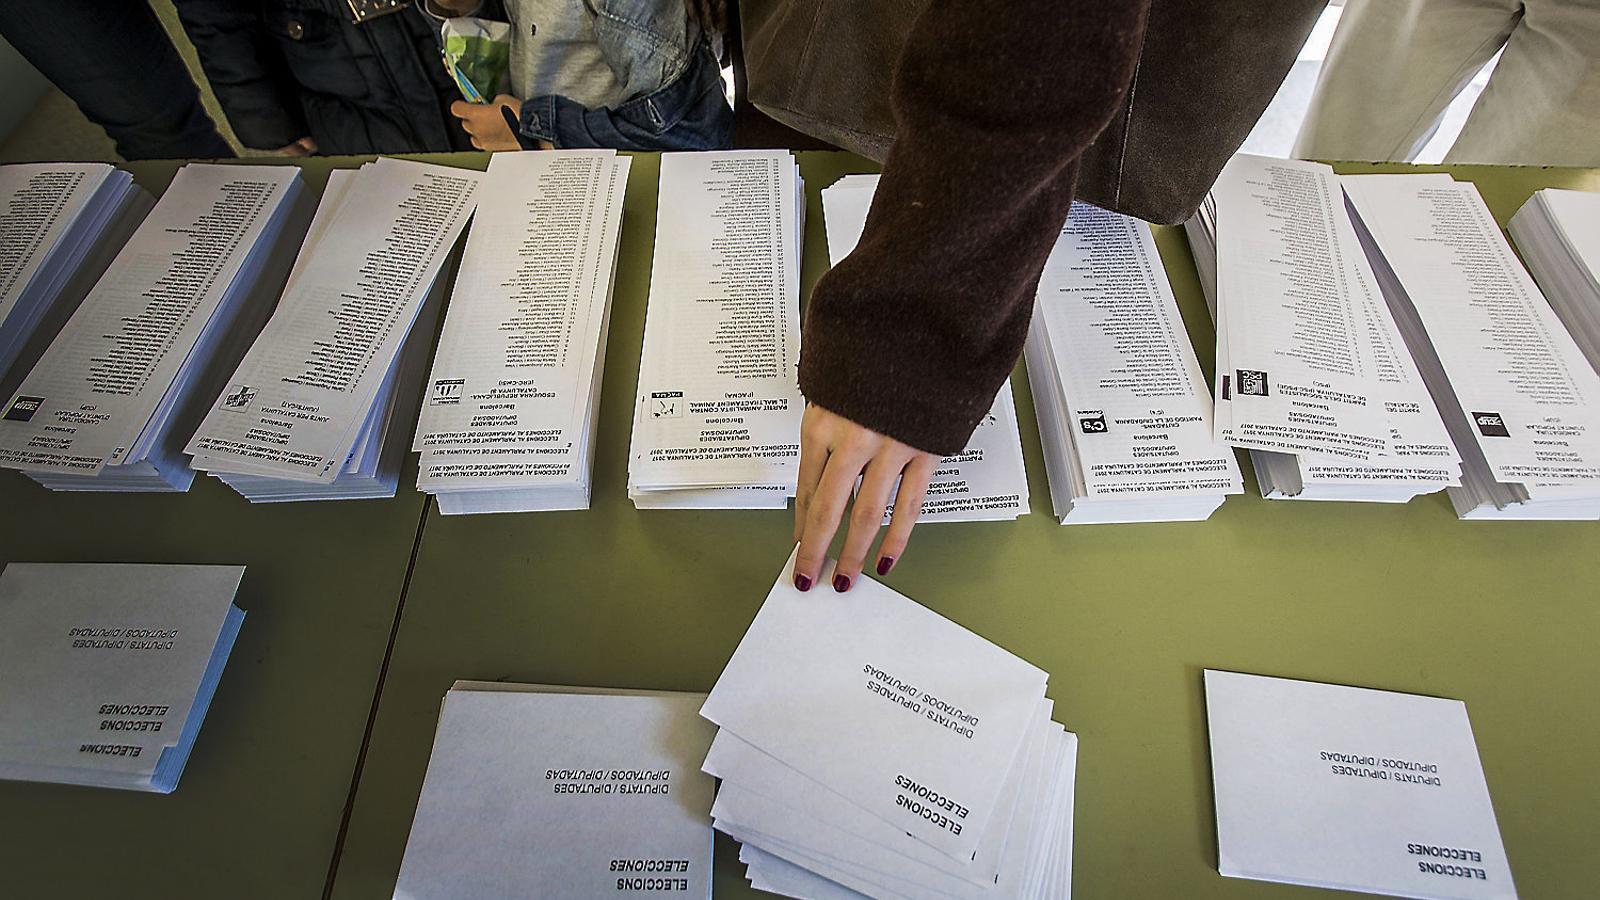 Una persona en un col·legi electoral escollint una de les paperetes dels partits polítics que es van presentar a les eleccions del 21 de desembre.